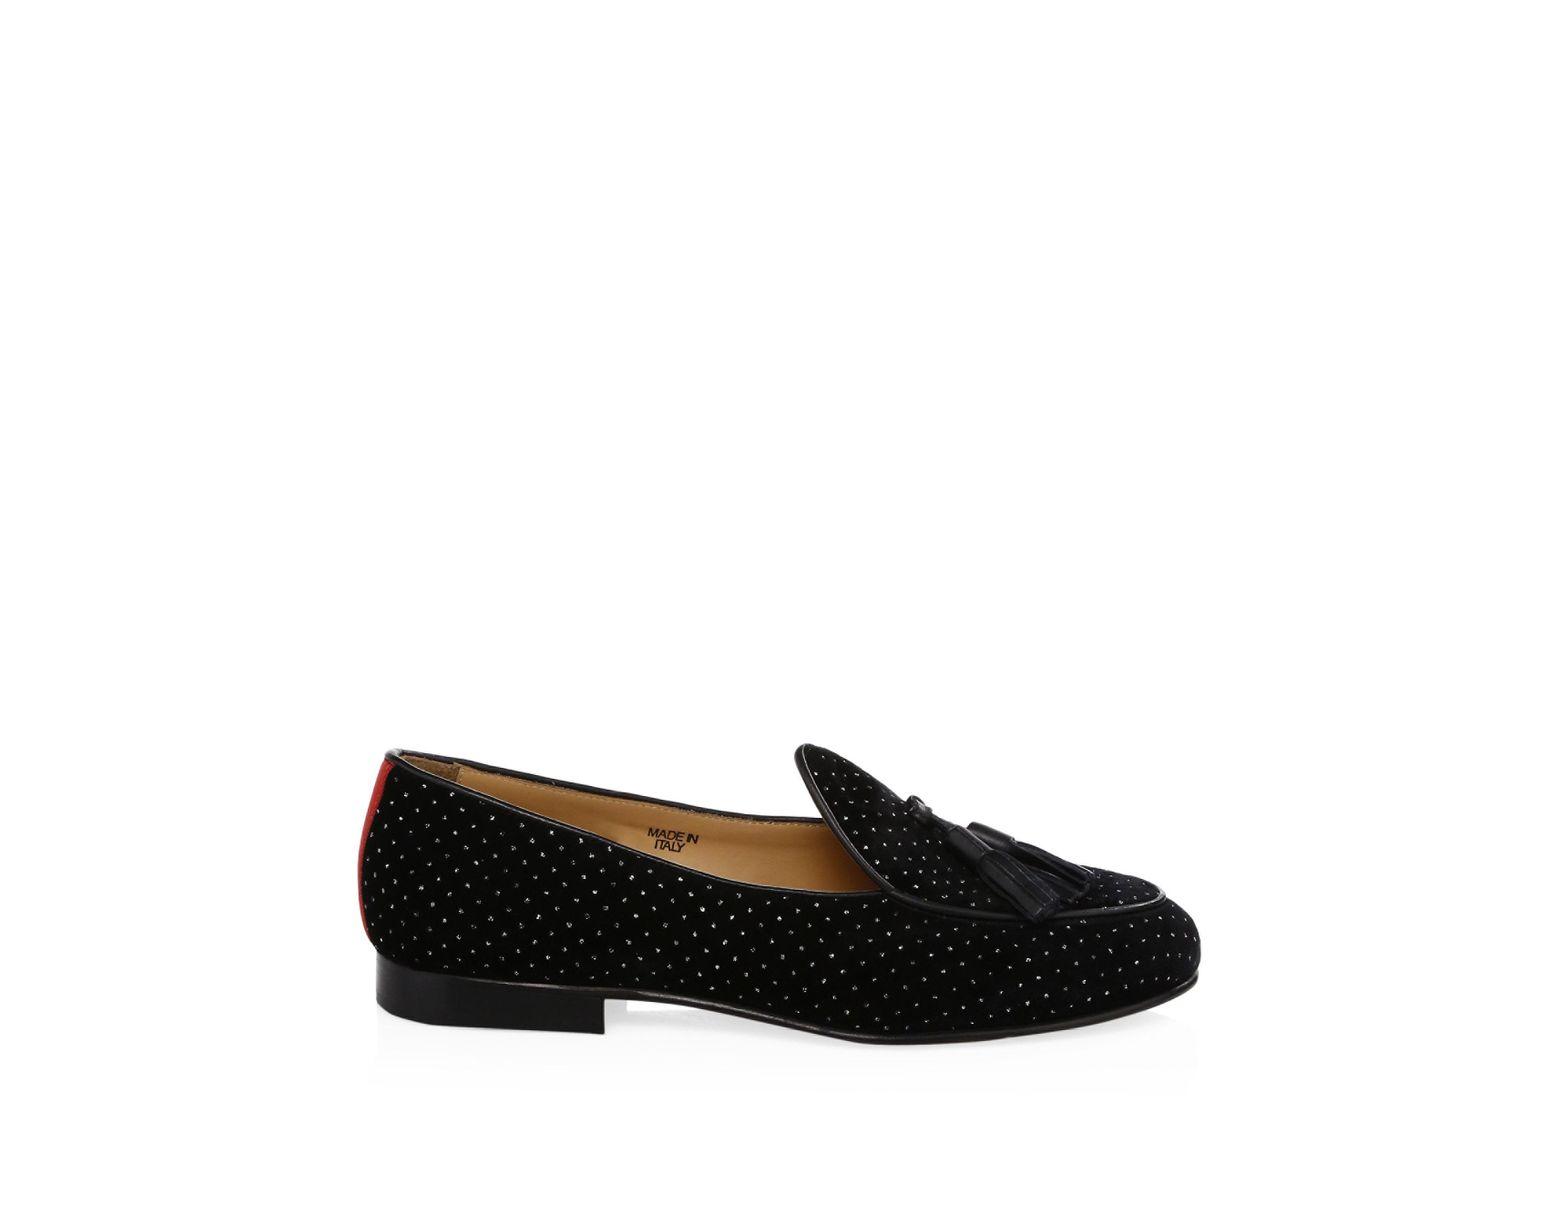 72cc48d56 Del Toro Velvet Tassel Loafers in Black for Men - Lyst